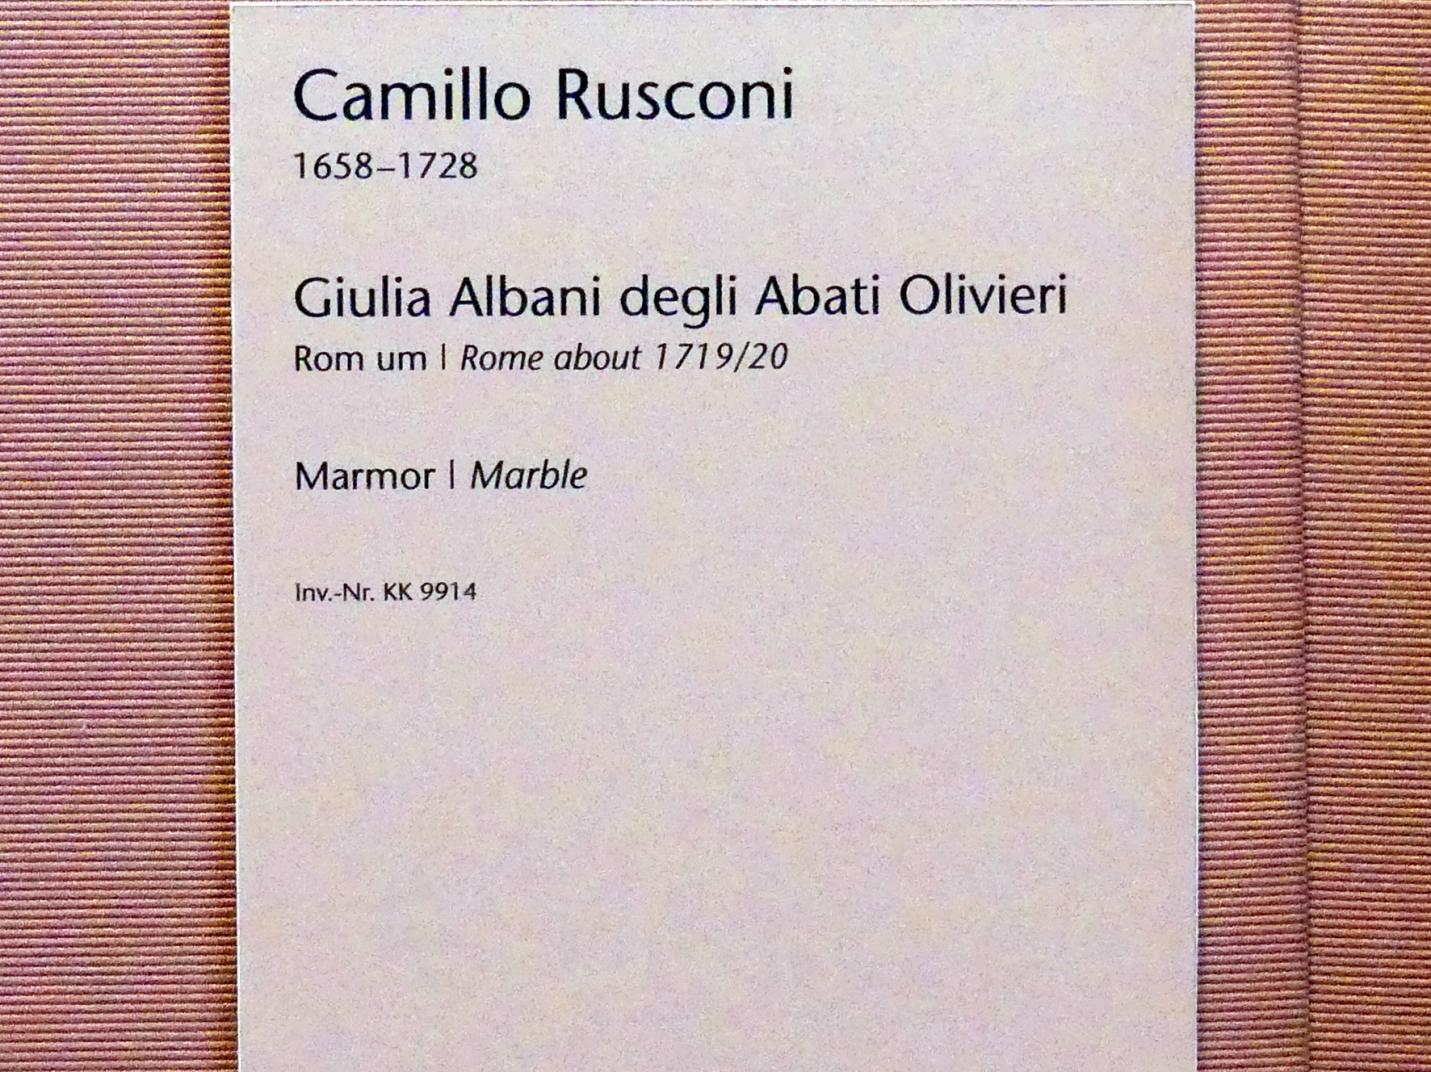 Camillo Rusconi: Giulia Albani degli Abati Olivieri, um 1719 - 1720, Bild 5/5